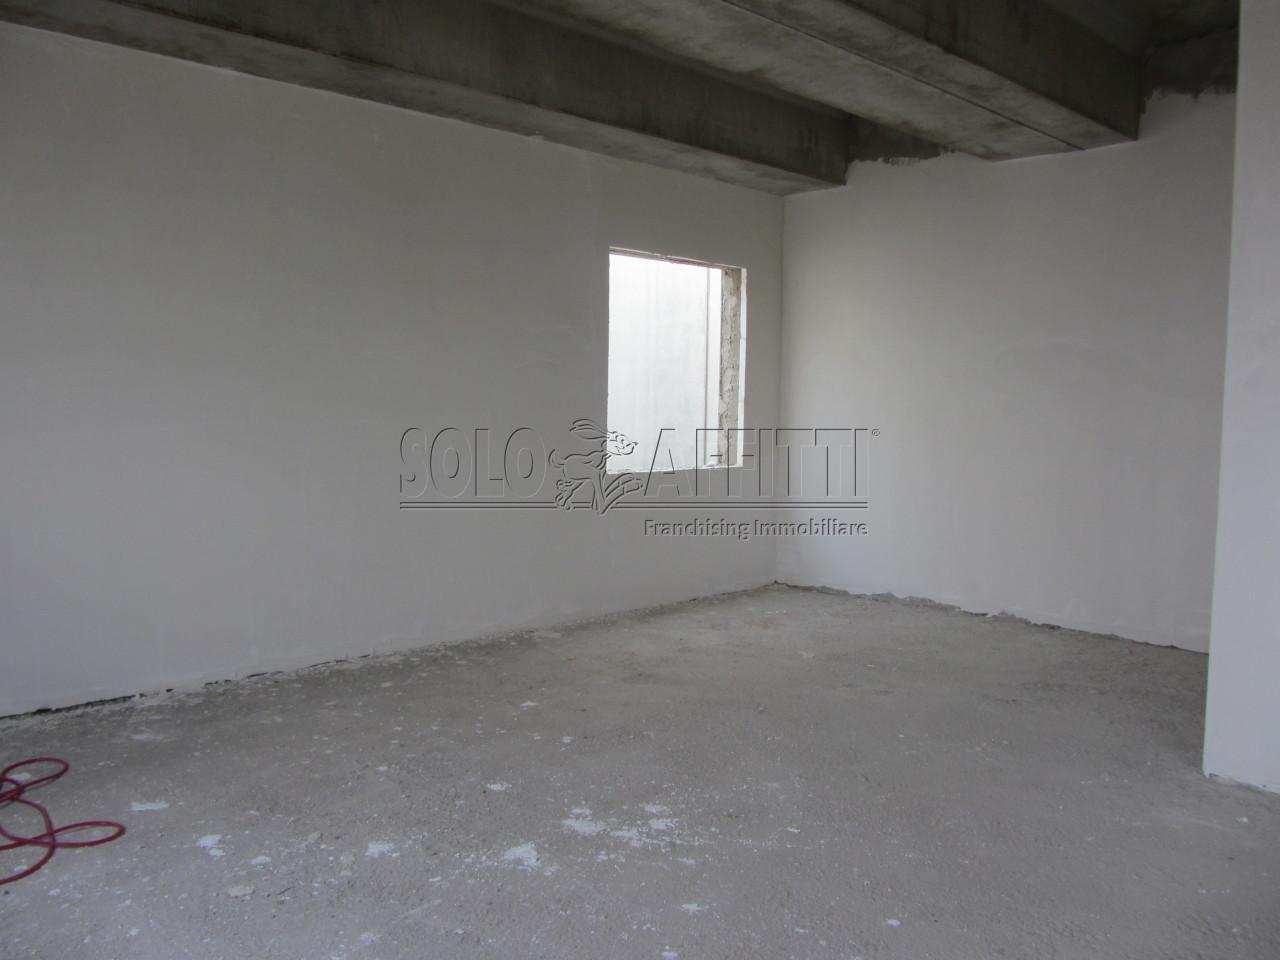 Ufficio - oltre 4 locali a Maratta, Terni Rif. 4133350